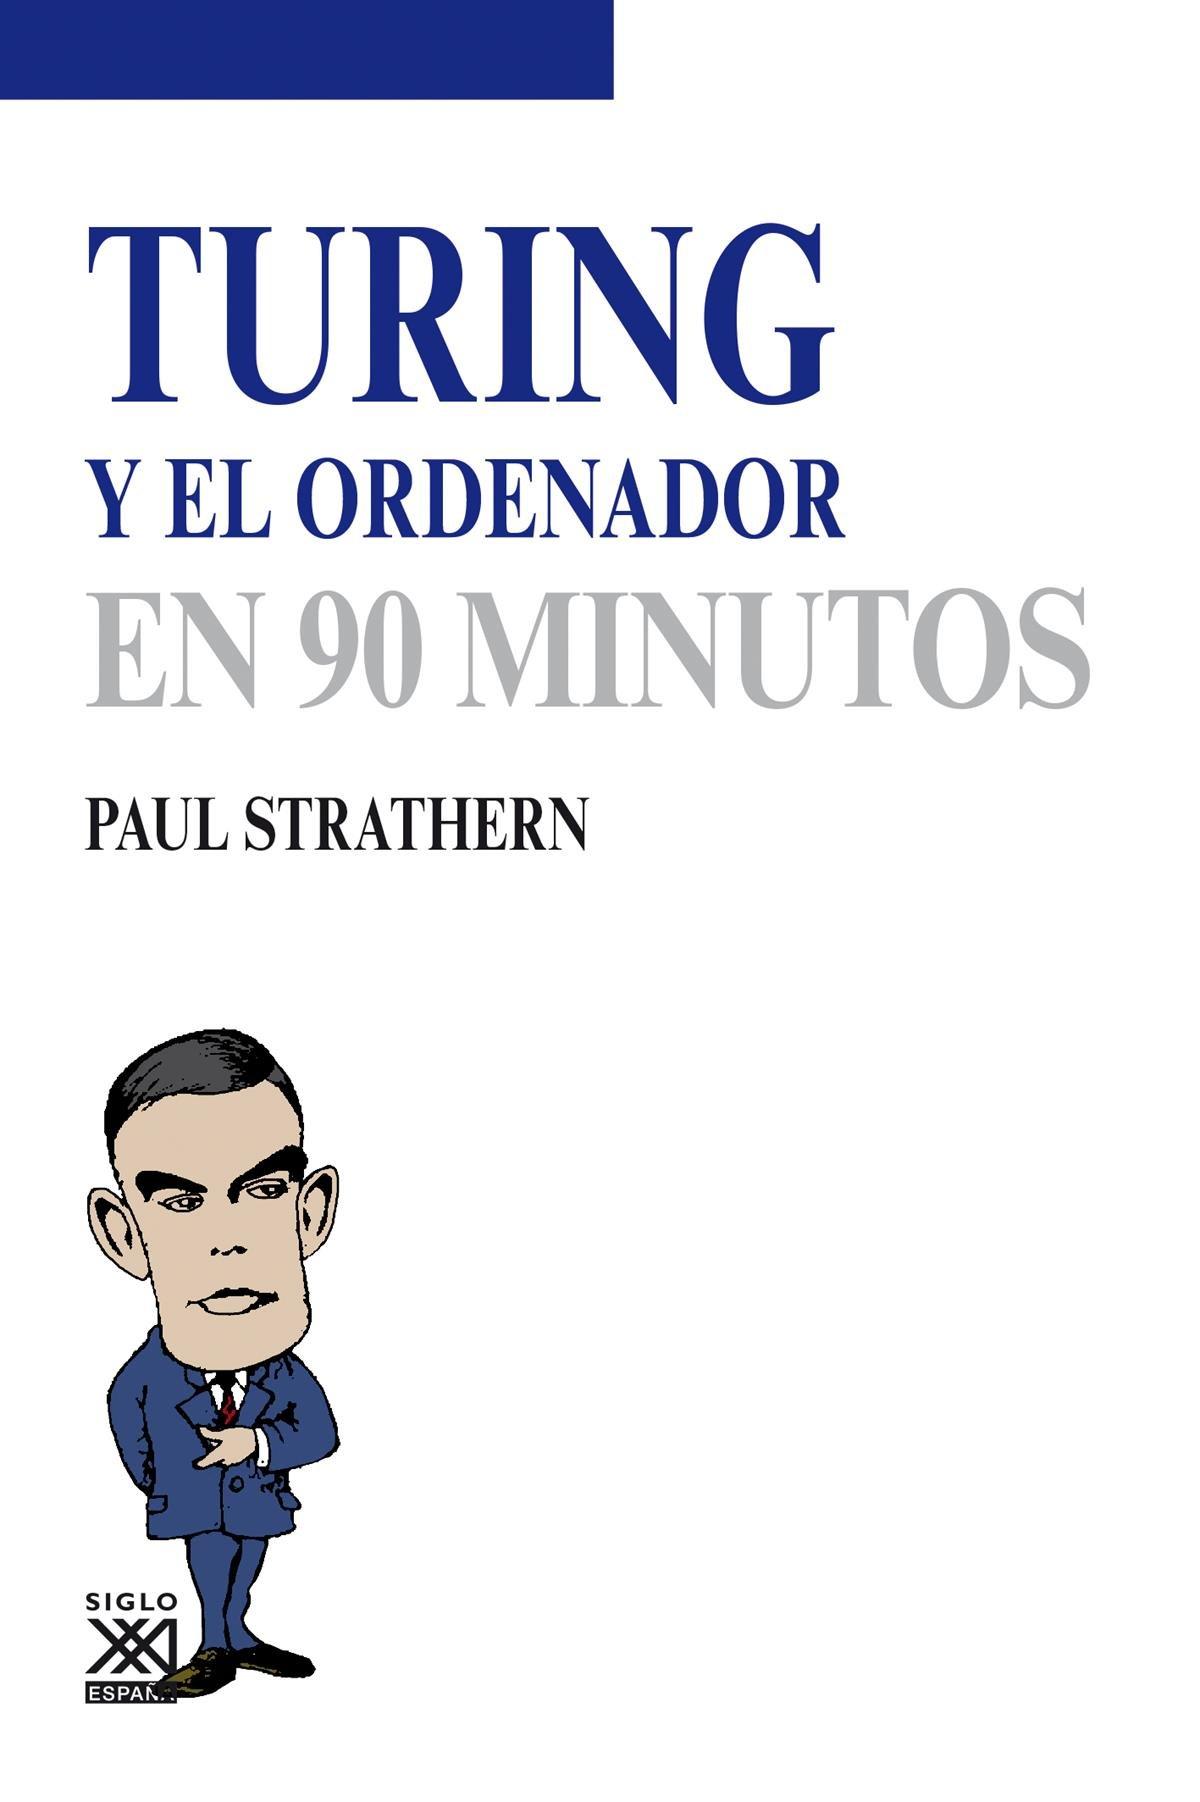 Turing y el ordenador (Los Científicos y sus descubrimientos) Tapa blanda – 16 jun 2014 Paul Strathern Siglo XXI de España Editores S.A. 8432316776